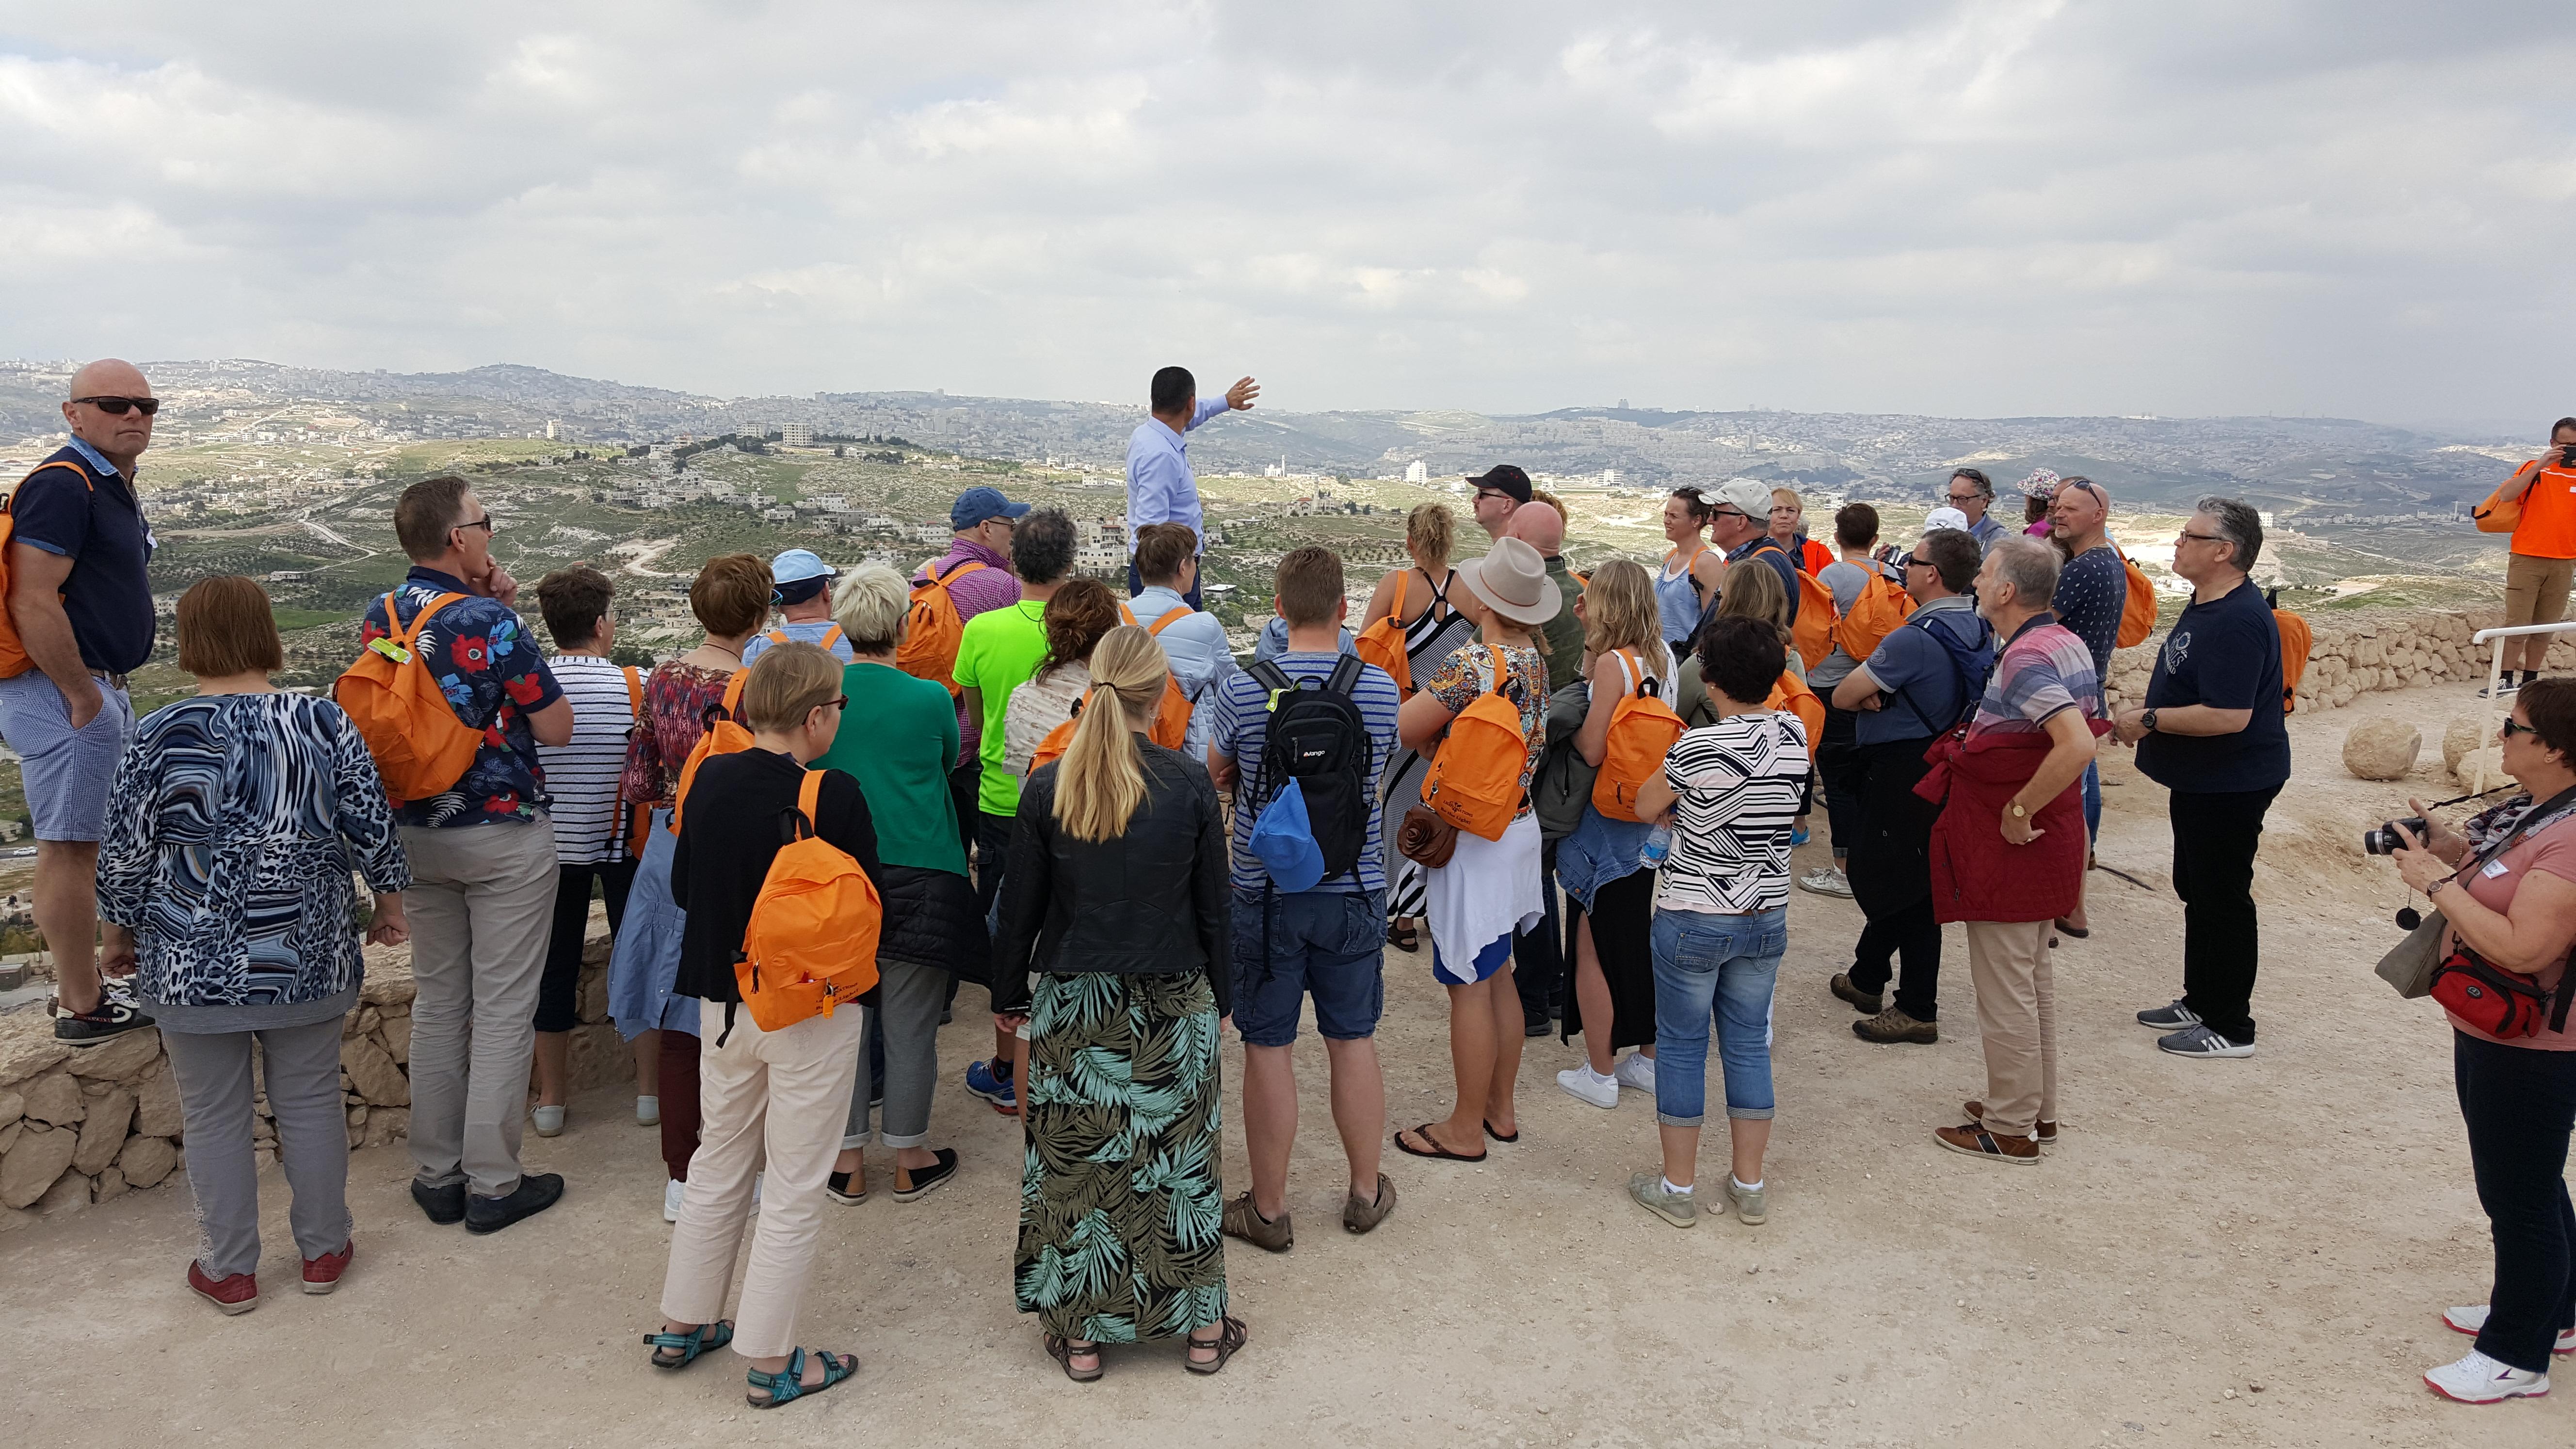 Explore Israël Najaarsreis 2019